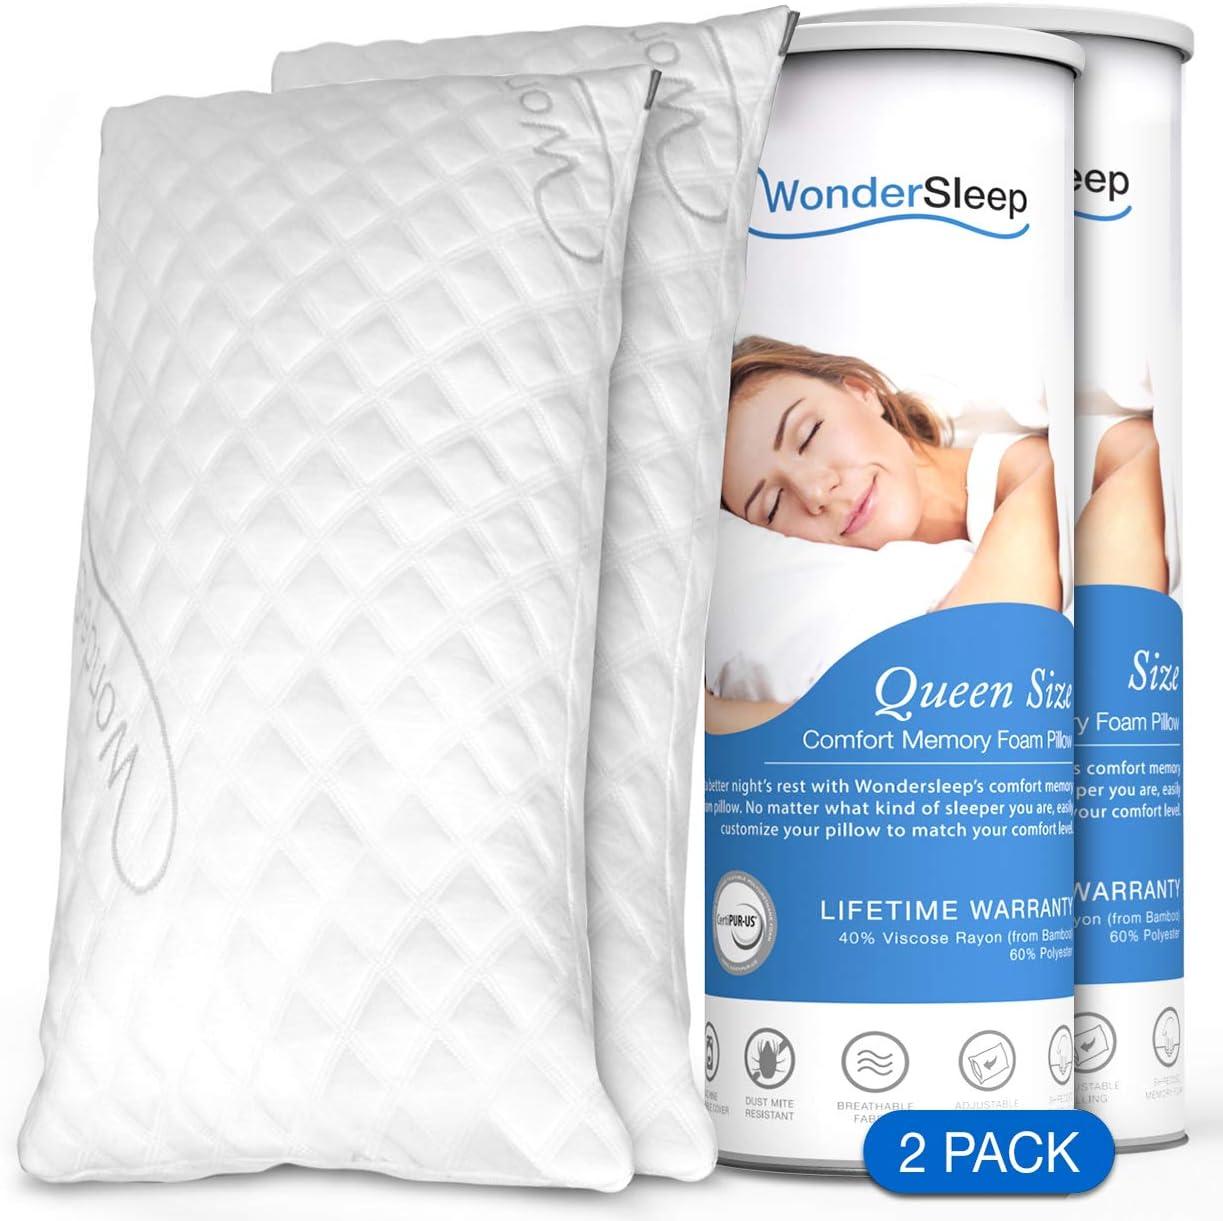 WonderSleep Premium